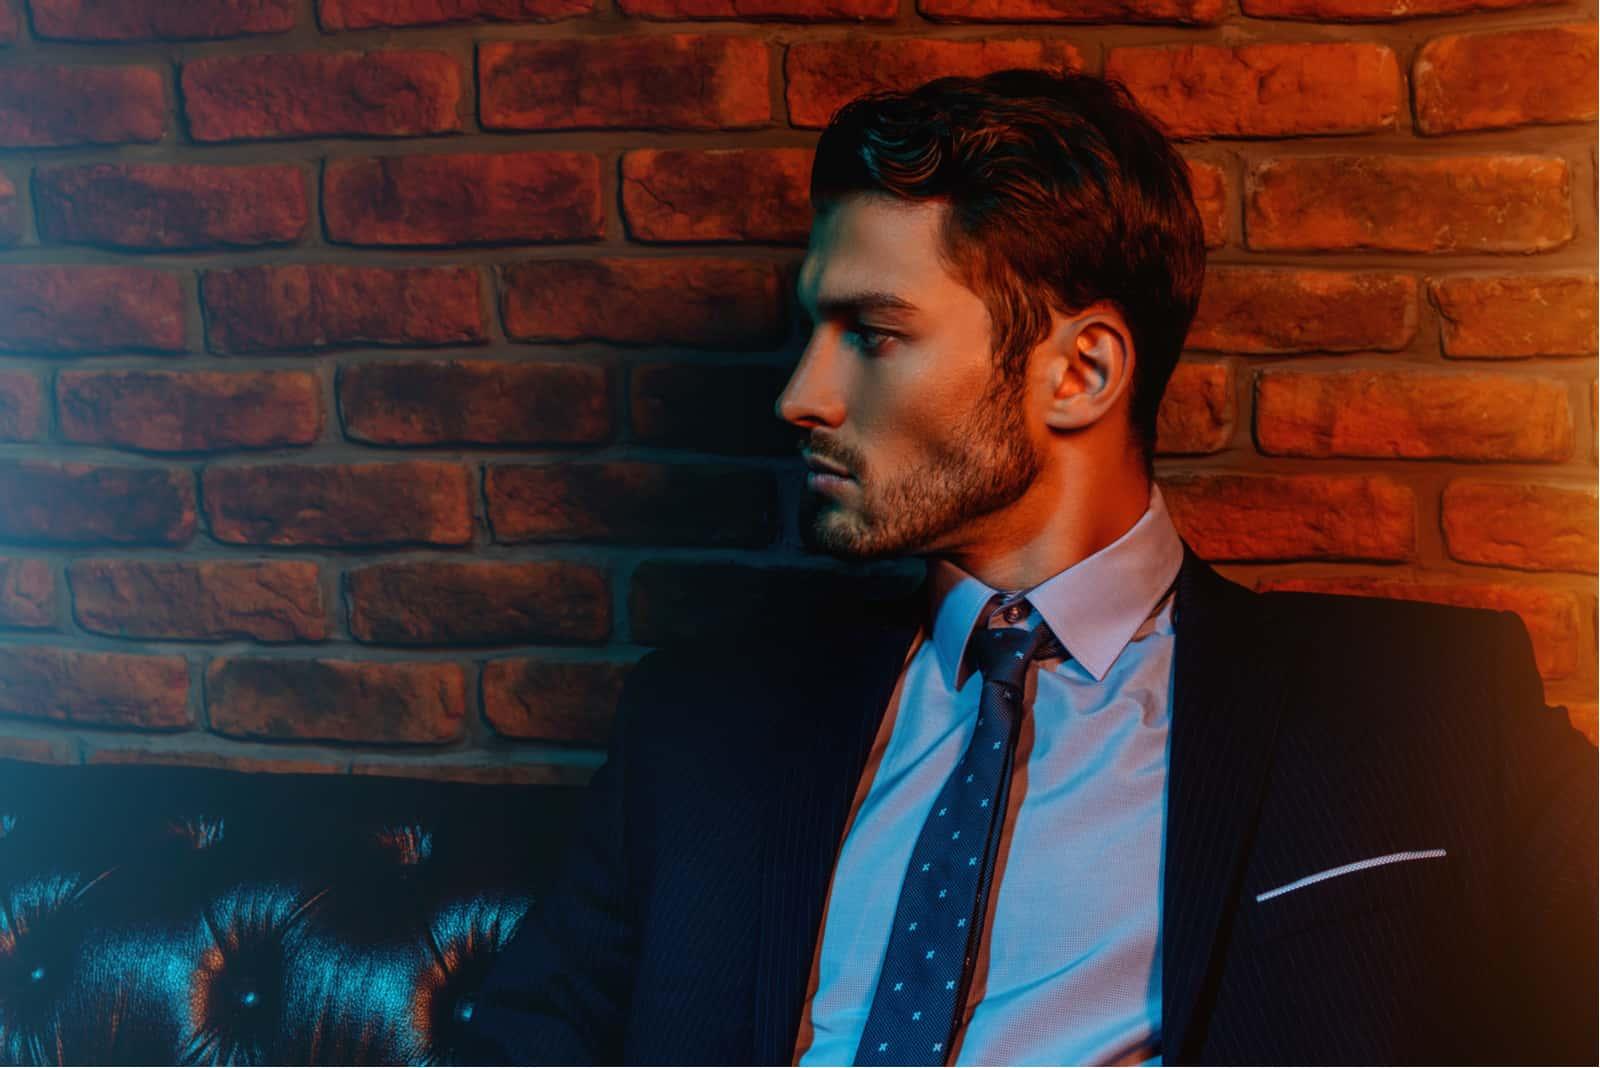 Ein hübscher, eleganter Mann sitzt auf einem Ledersofa